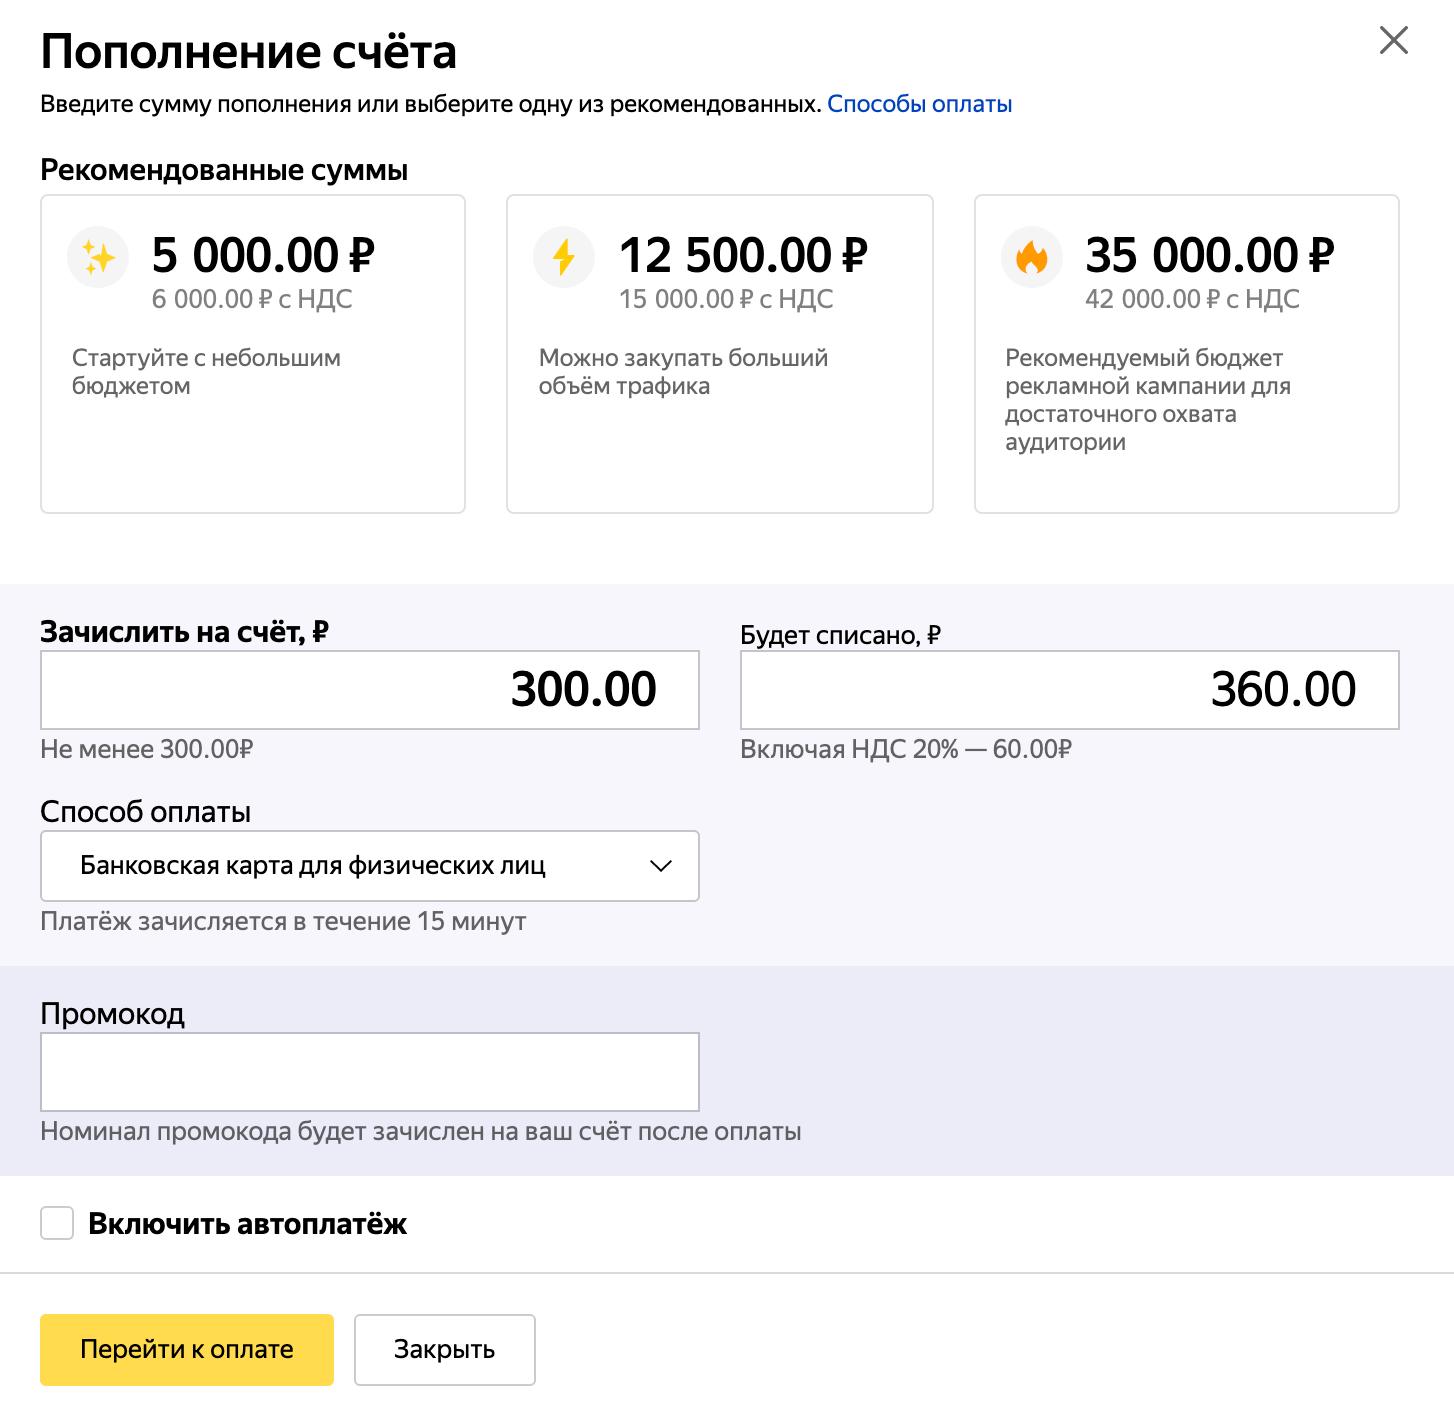 пополнение счёта Яндекс.Директ